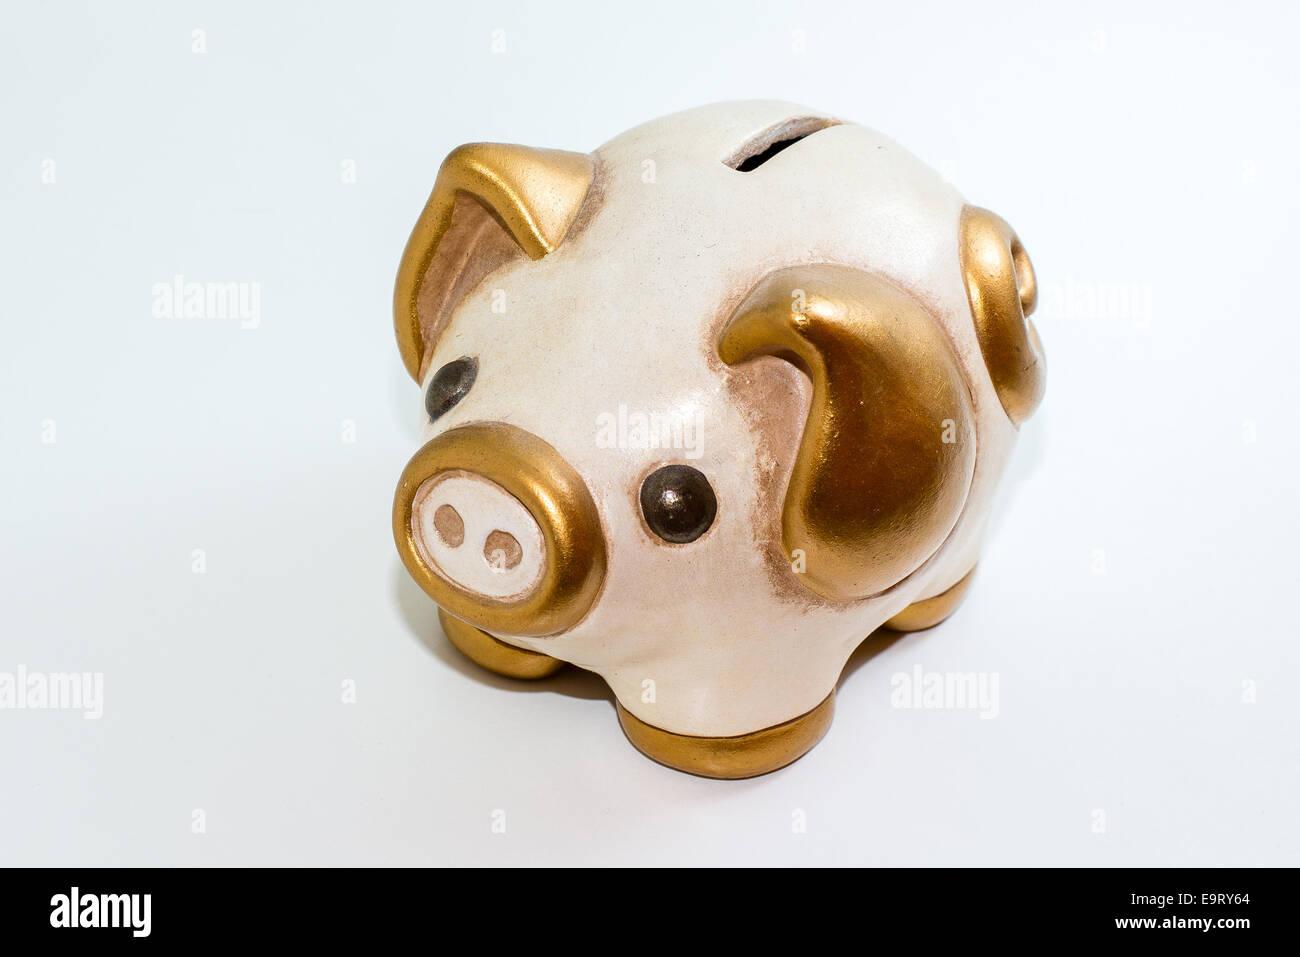 Ceramic money box with pig shape, isolated object on white background - Stock Image